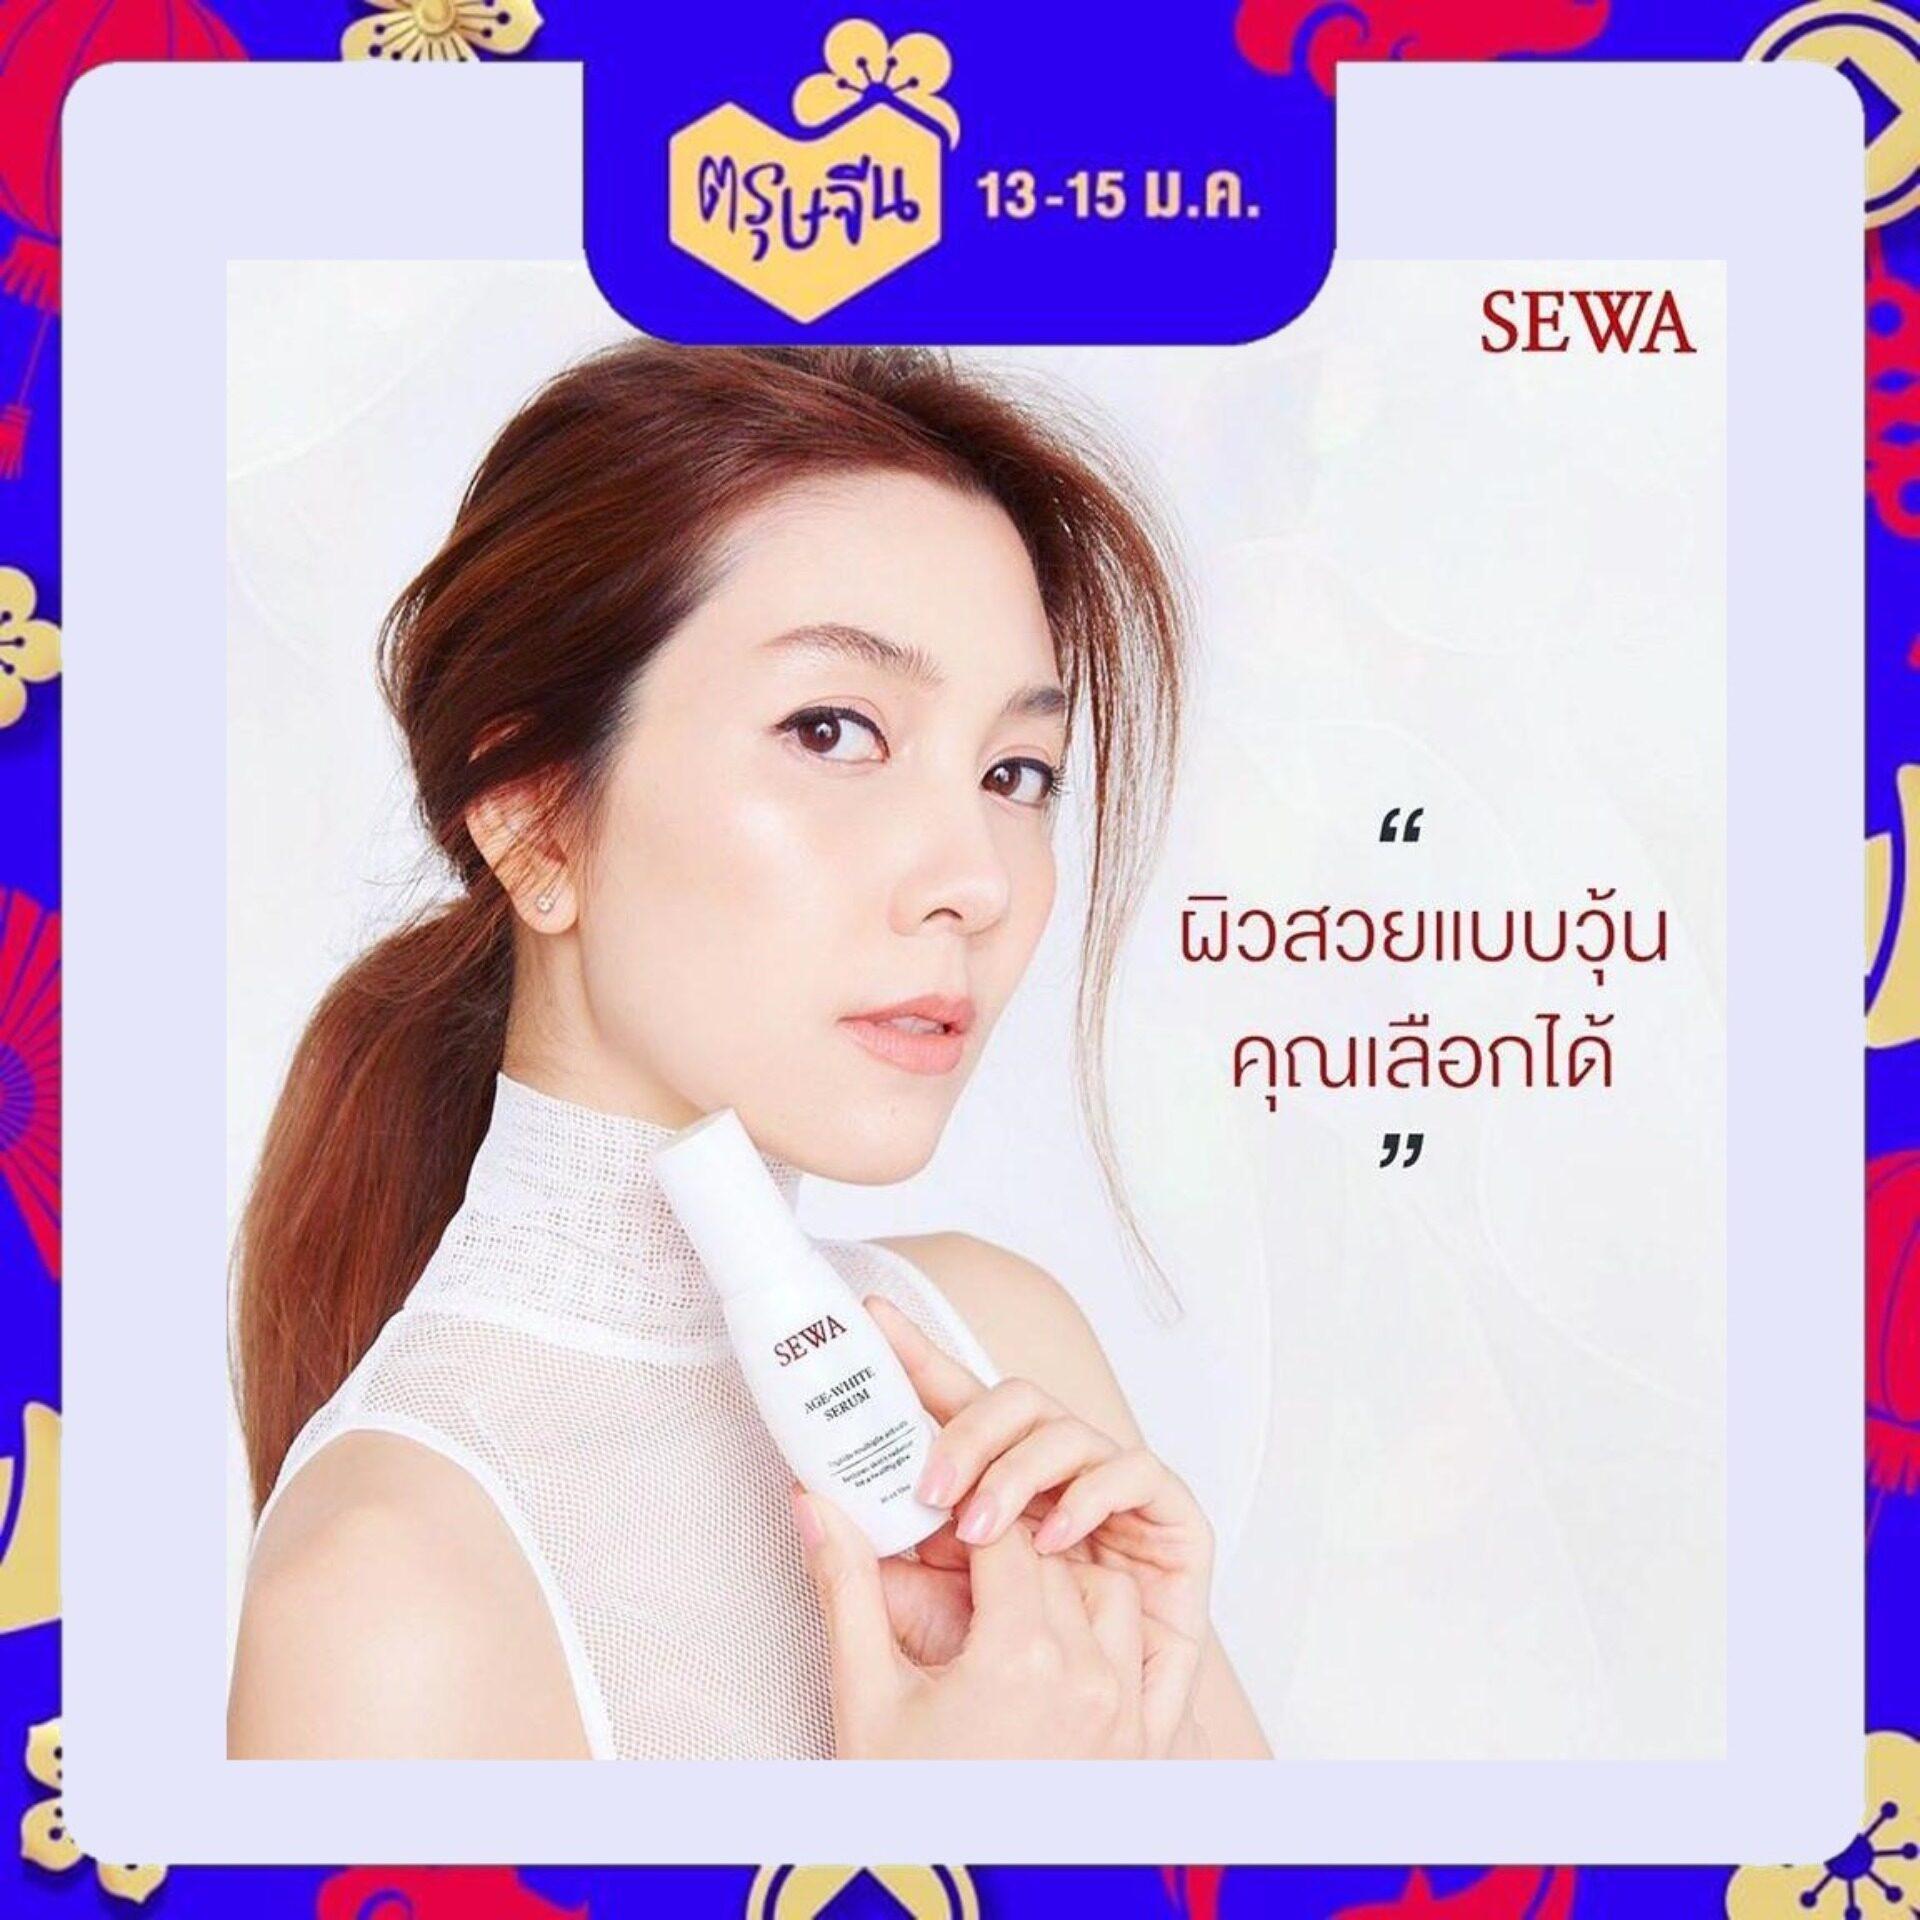 (ส่งฟรี ของแท้ 100%) Sewa Age White Serum เซรั่มเซว่า เซรั่มเข้มข้นสูตรผิวเปล่งประกาย กระจ่างใส คืนความอ่อนเยาว์ (ขนาด 1 ขวด x 40 ml.)